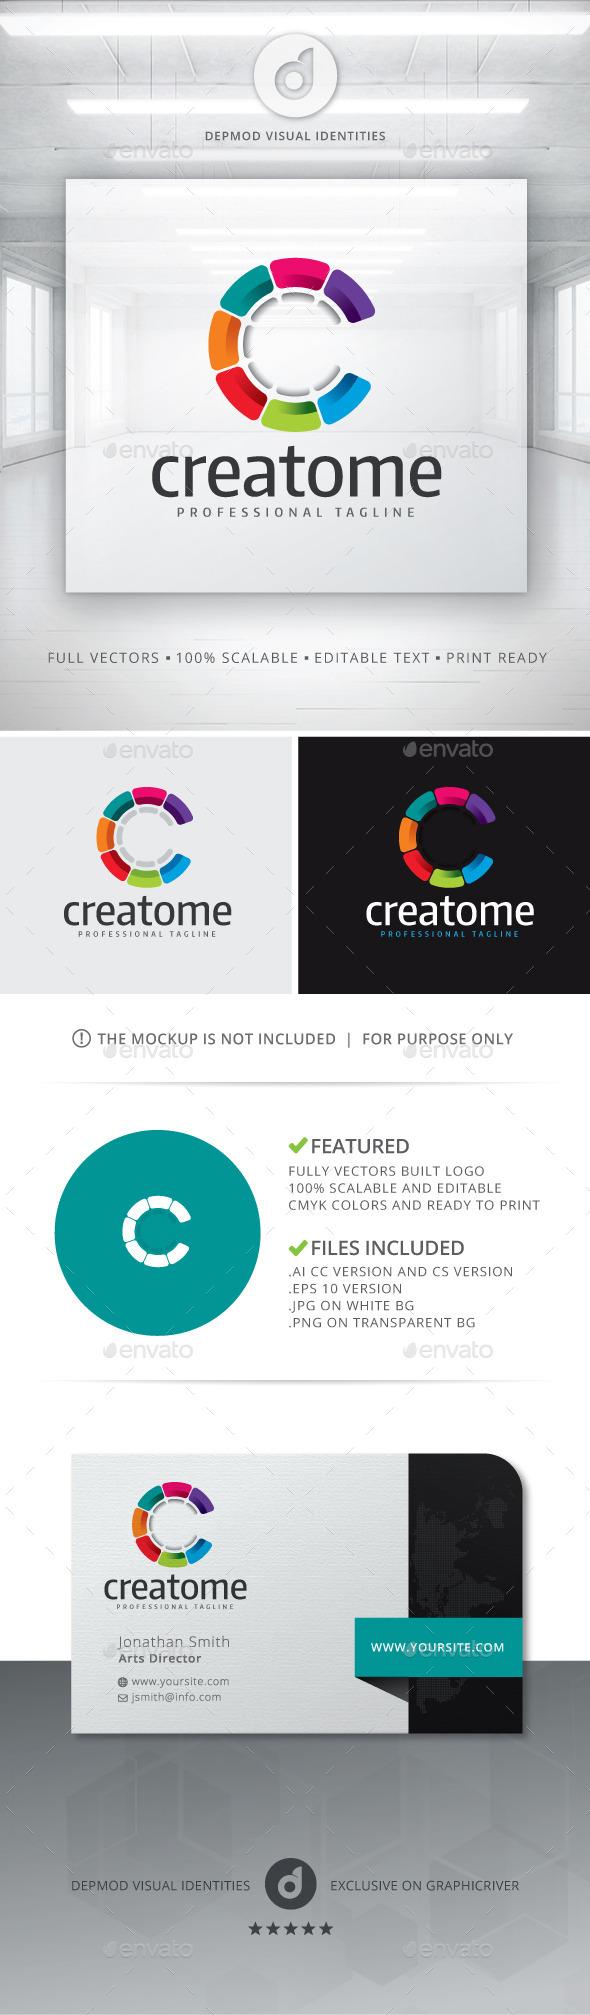 GraphicRiver Creatome Logo 10768905